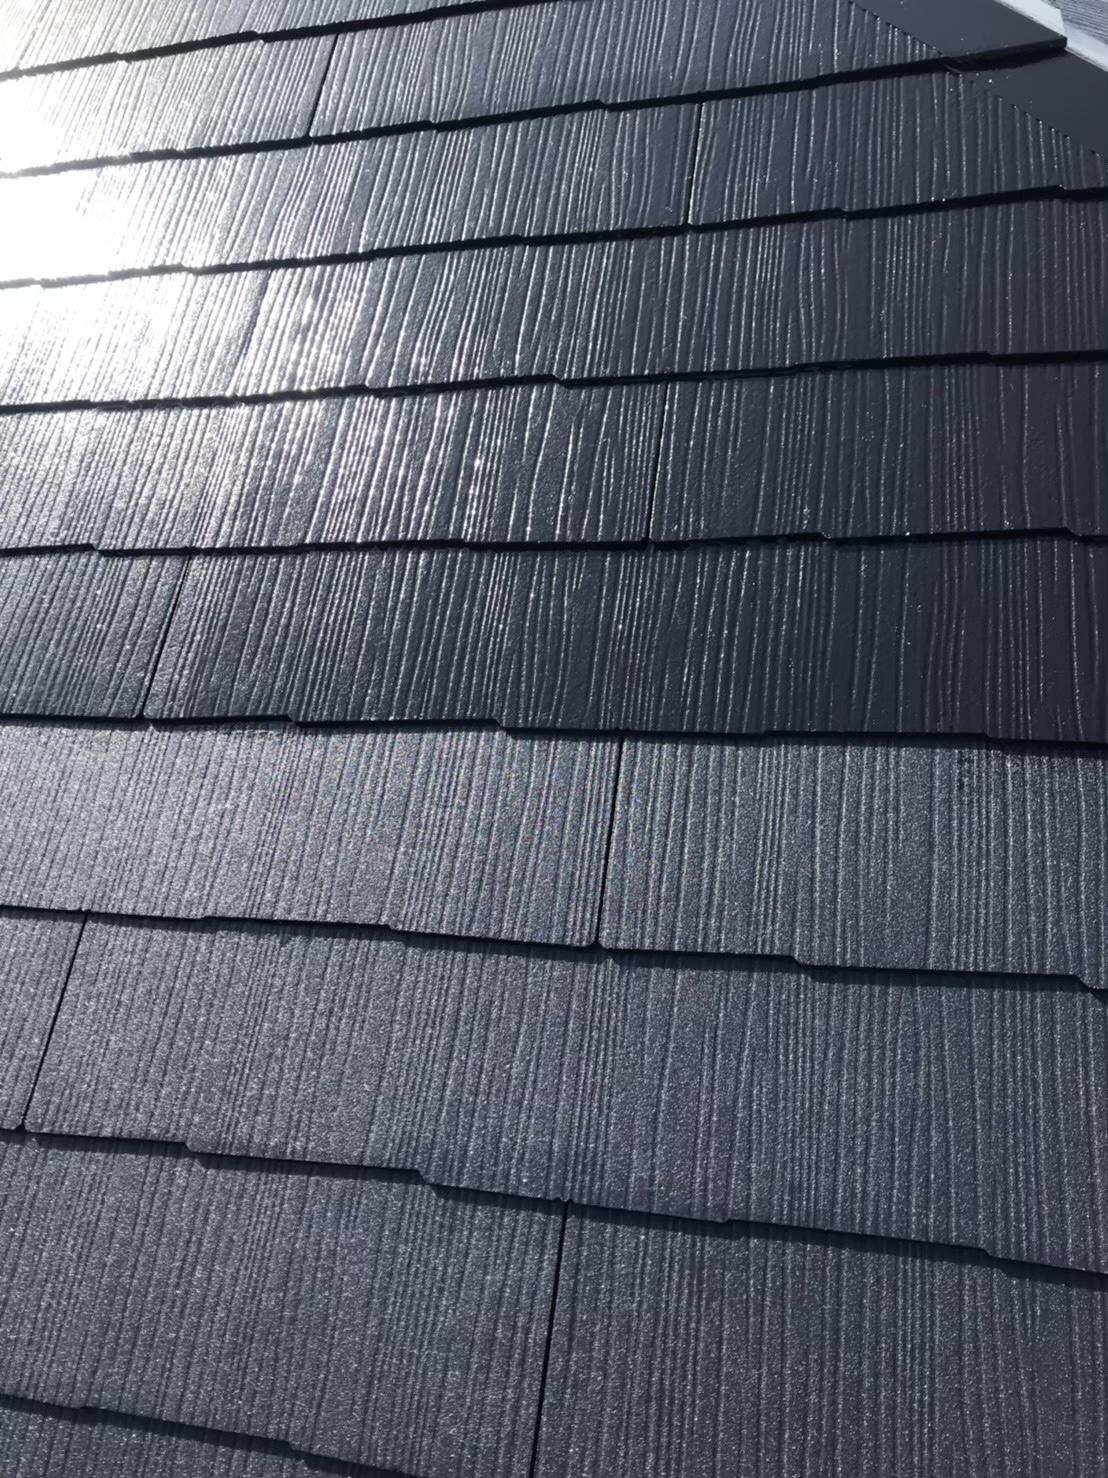 福岡市南区 屋根上塗り 写真3